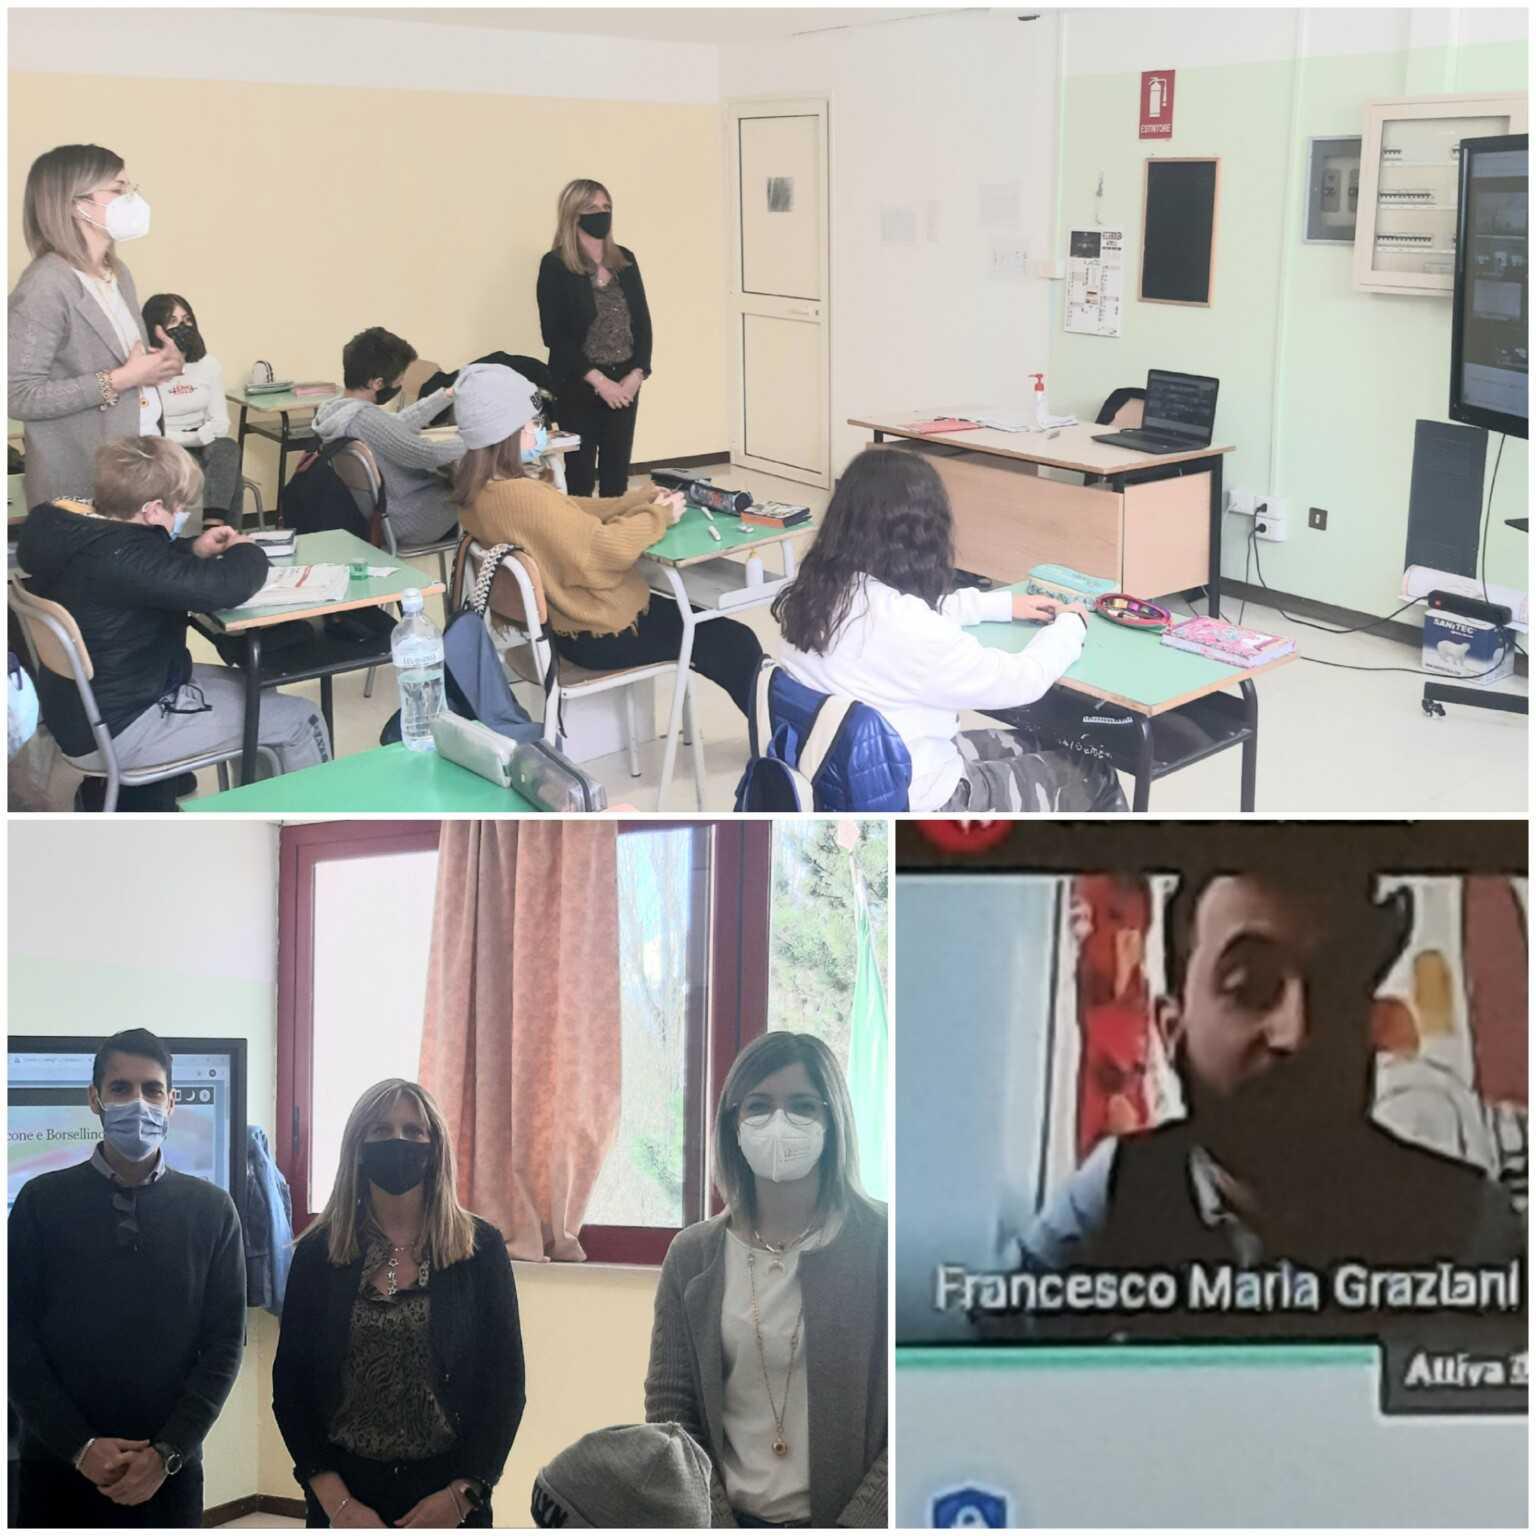 Educazione energetica tra i banchi di scuola: incontro online IC Falcone e Borsellino con Francesco Maria Graziani